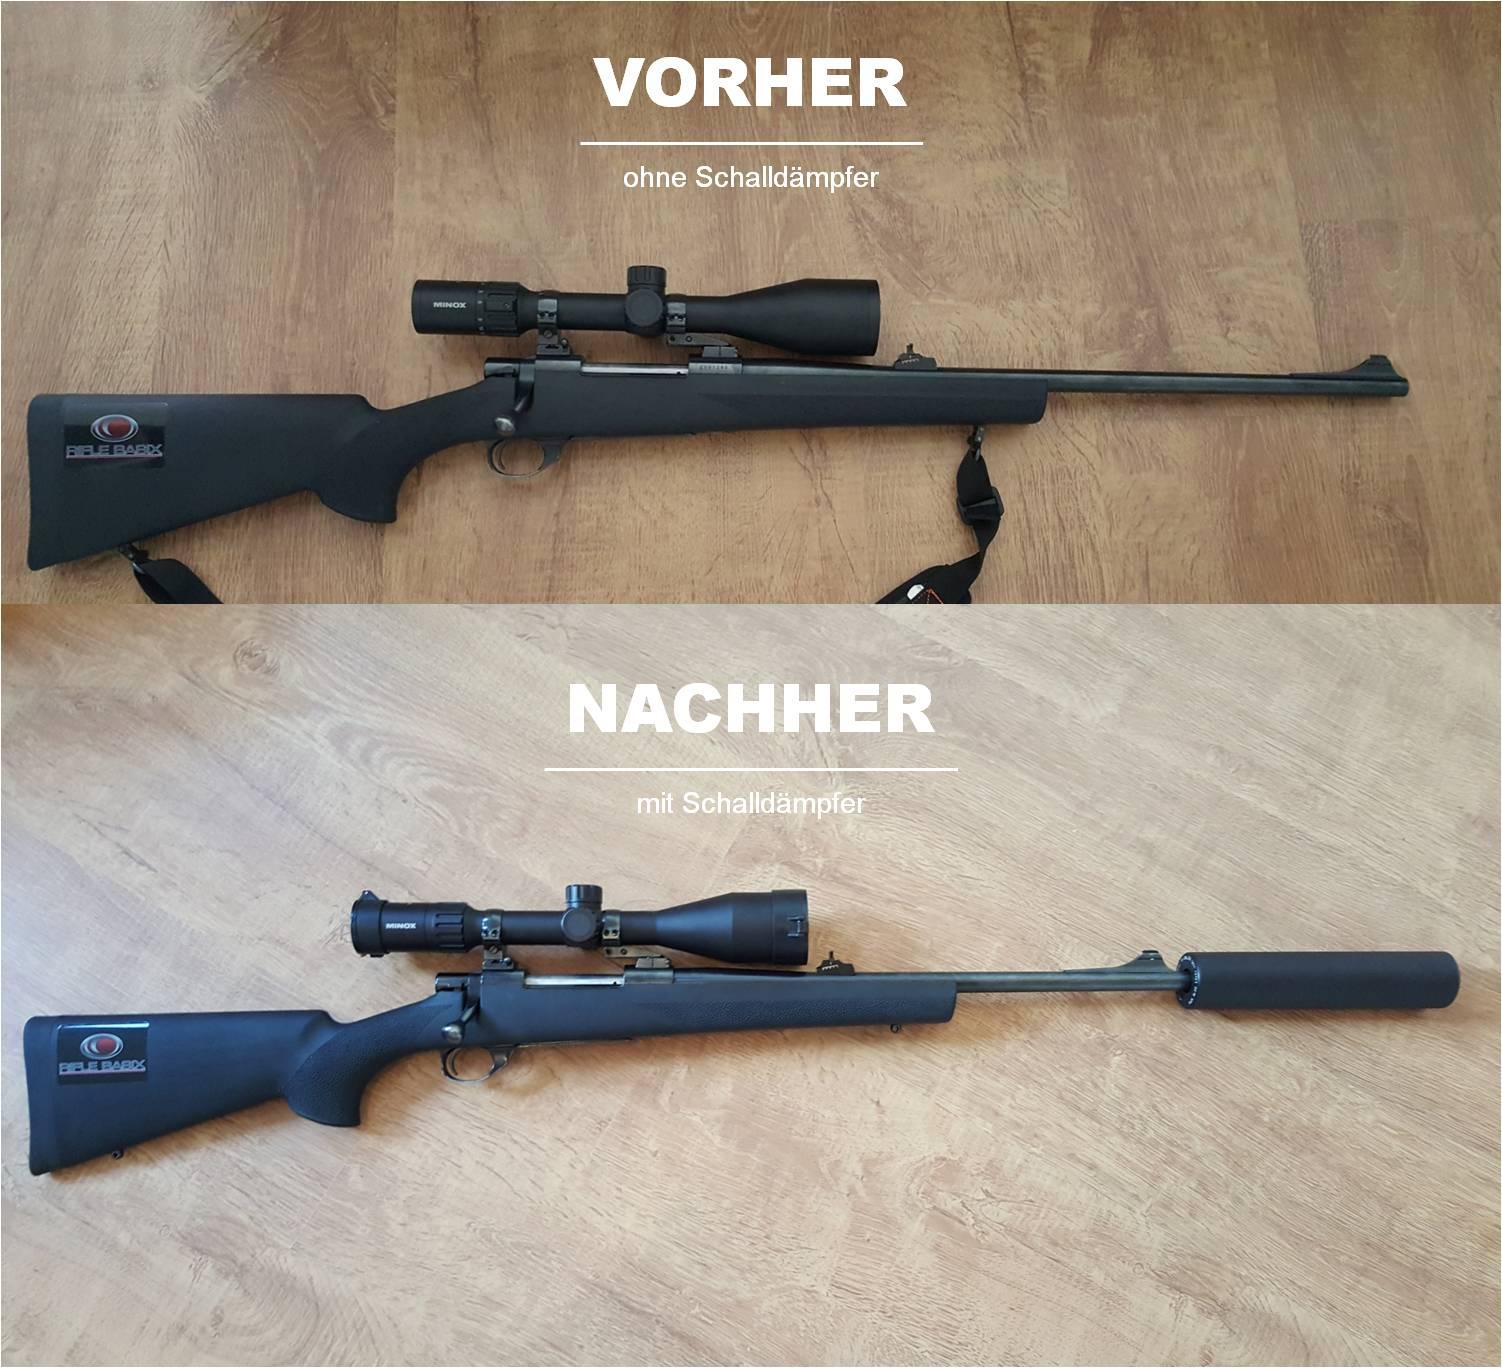 Die Waffe mit und ohne Schalldämpfer